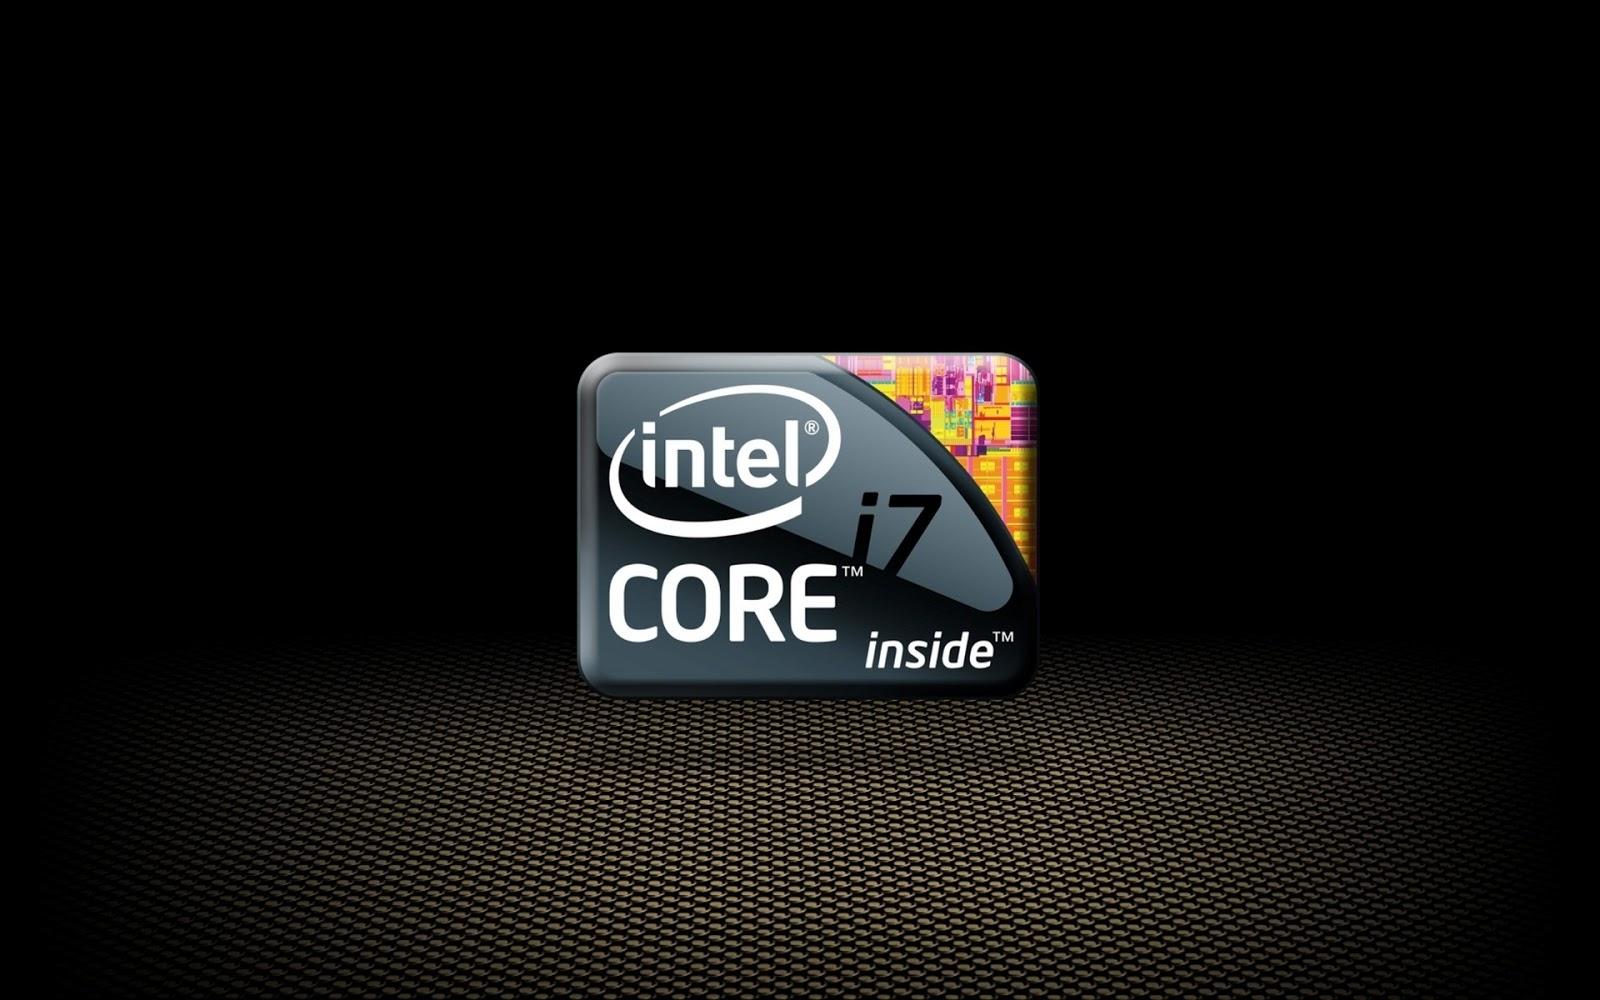 скачать видео драйвер intel extreme graphics